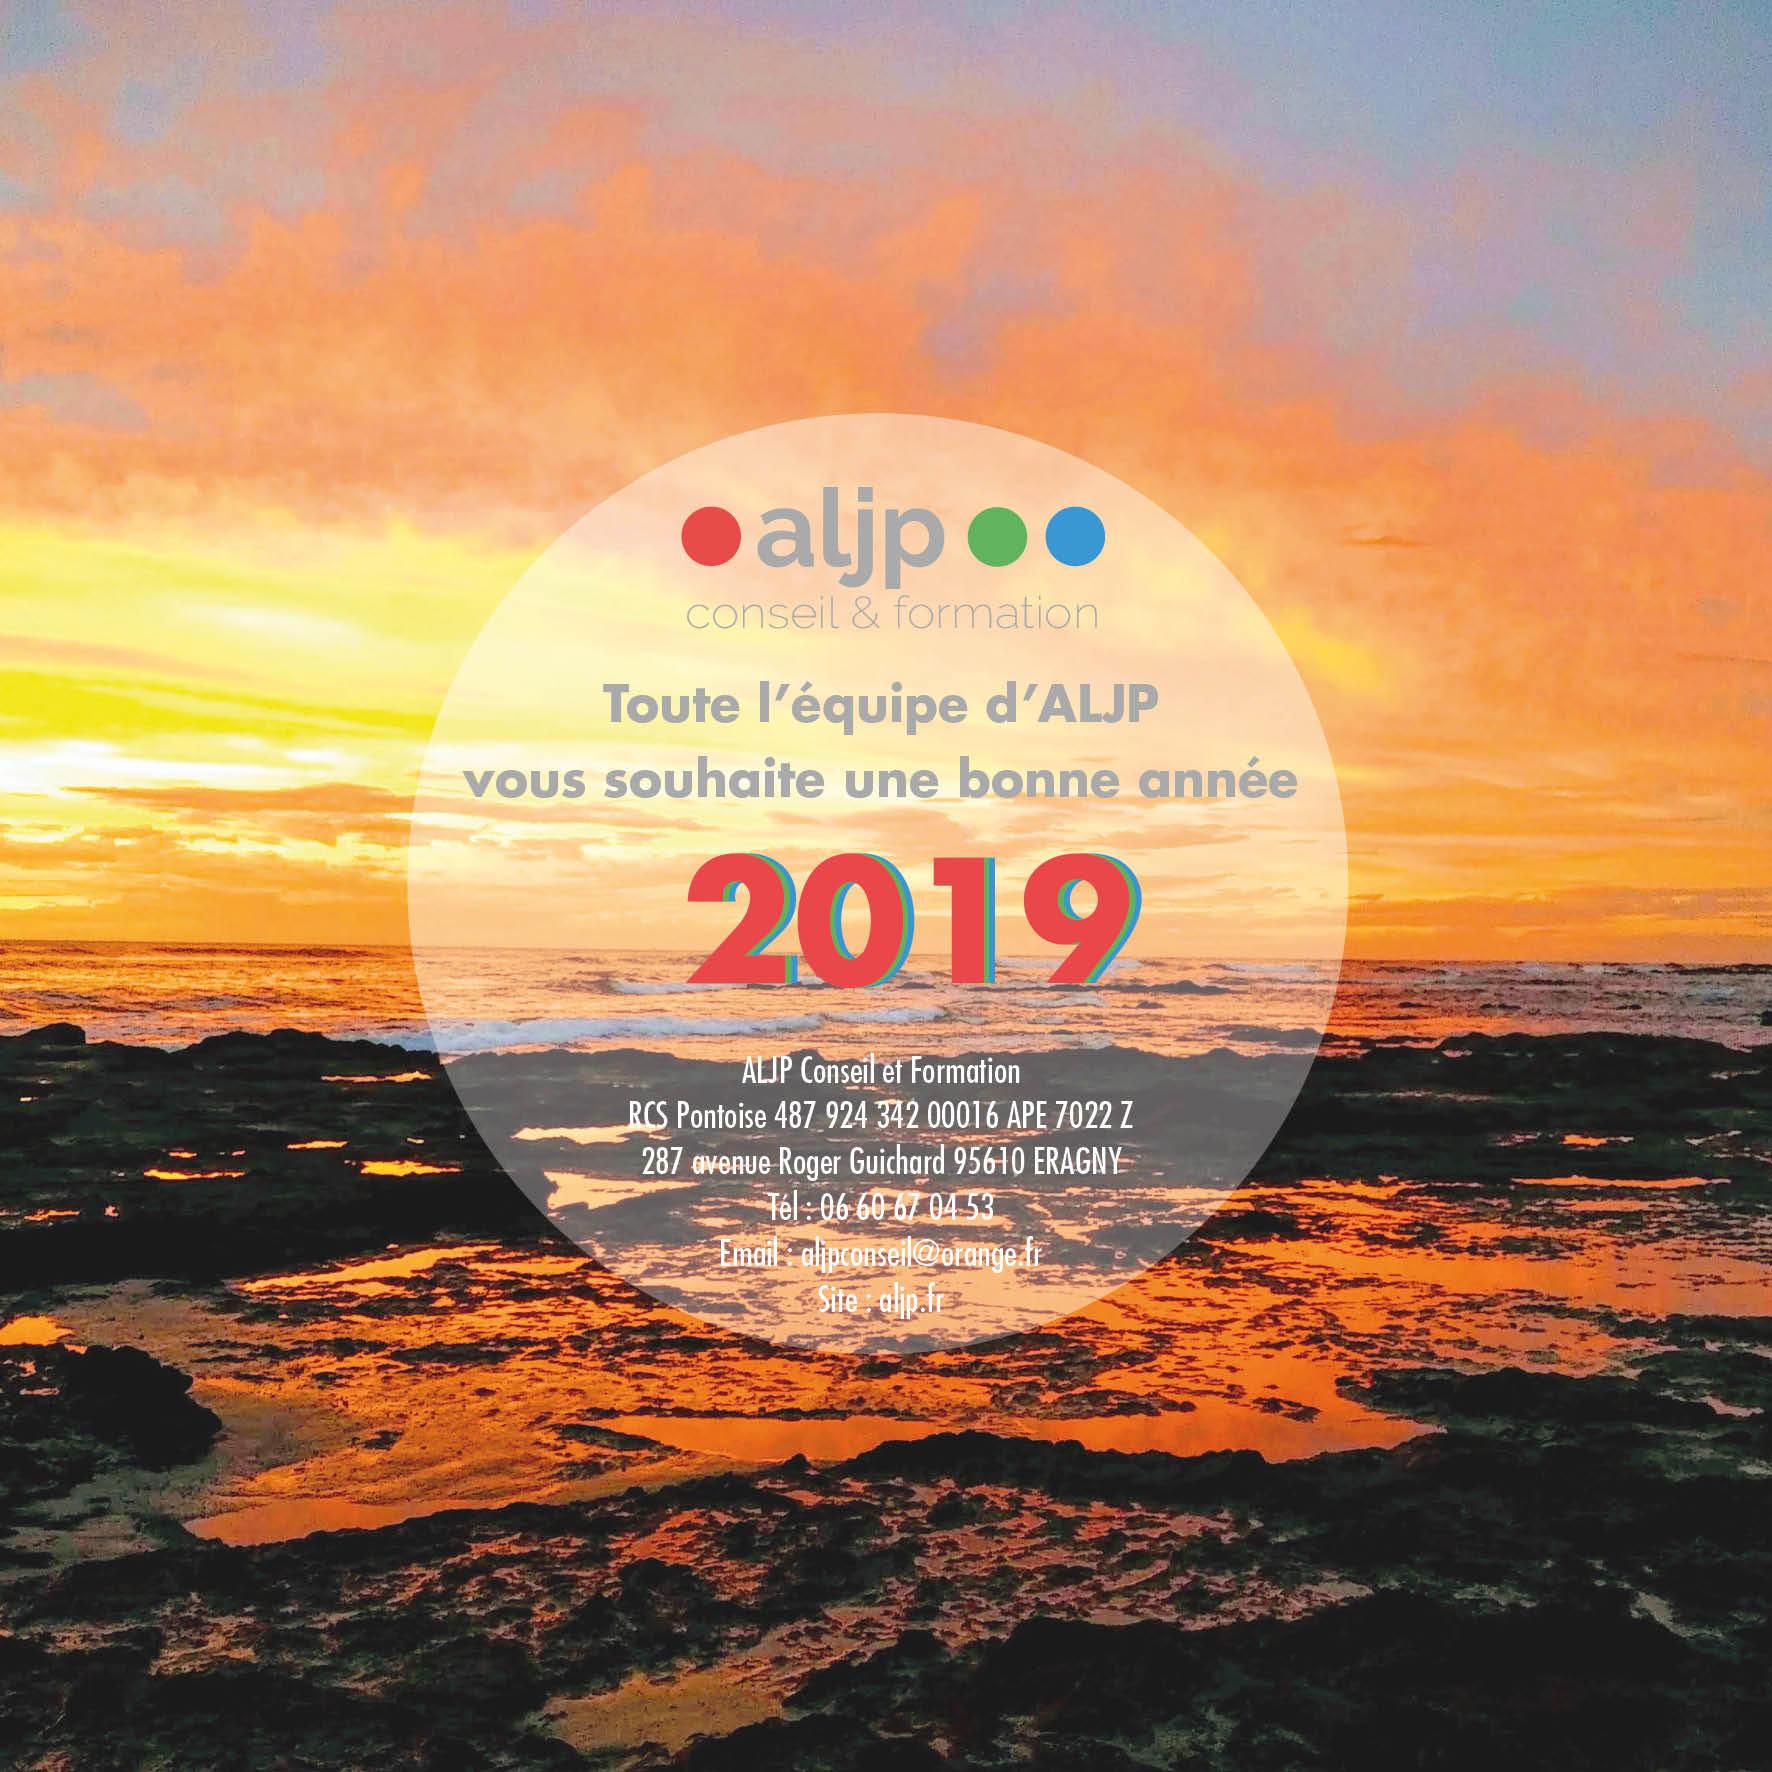 ALJP vous souhaite une bonne année 2019